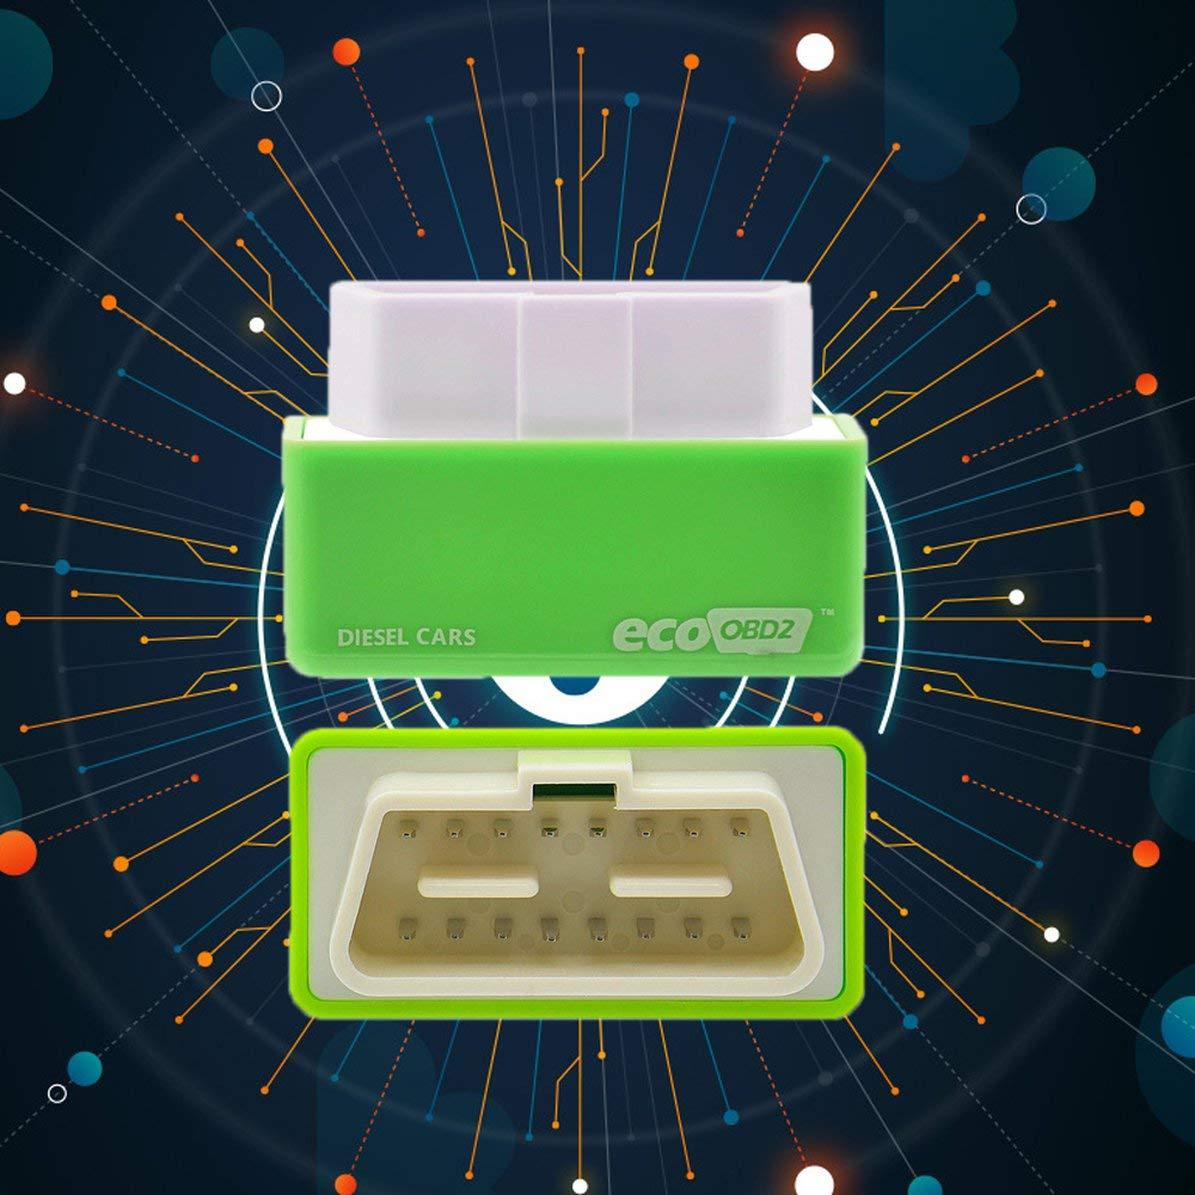 Corneliaa Microprocesador de adaptaci/ón de la Caja del ahorrador del Combustible de la econom/ía de Eco OBD OBD2 para el Ahorro de la Gasolina del Coche de Gasolina